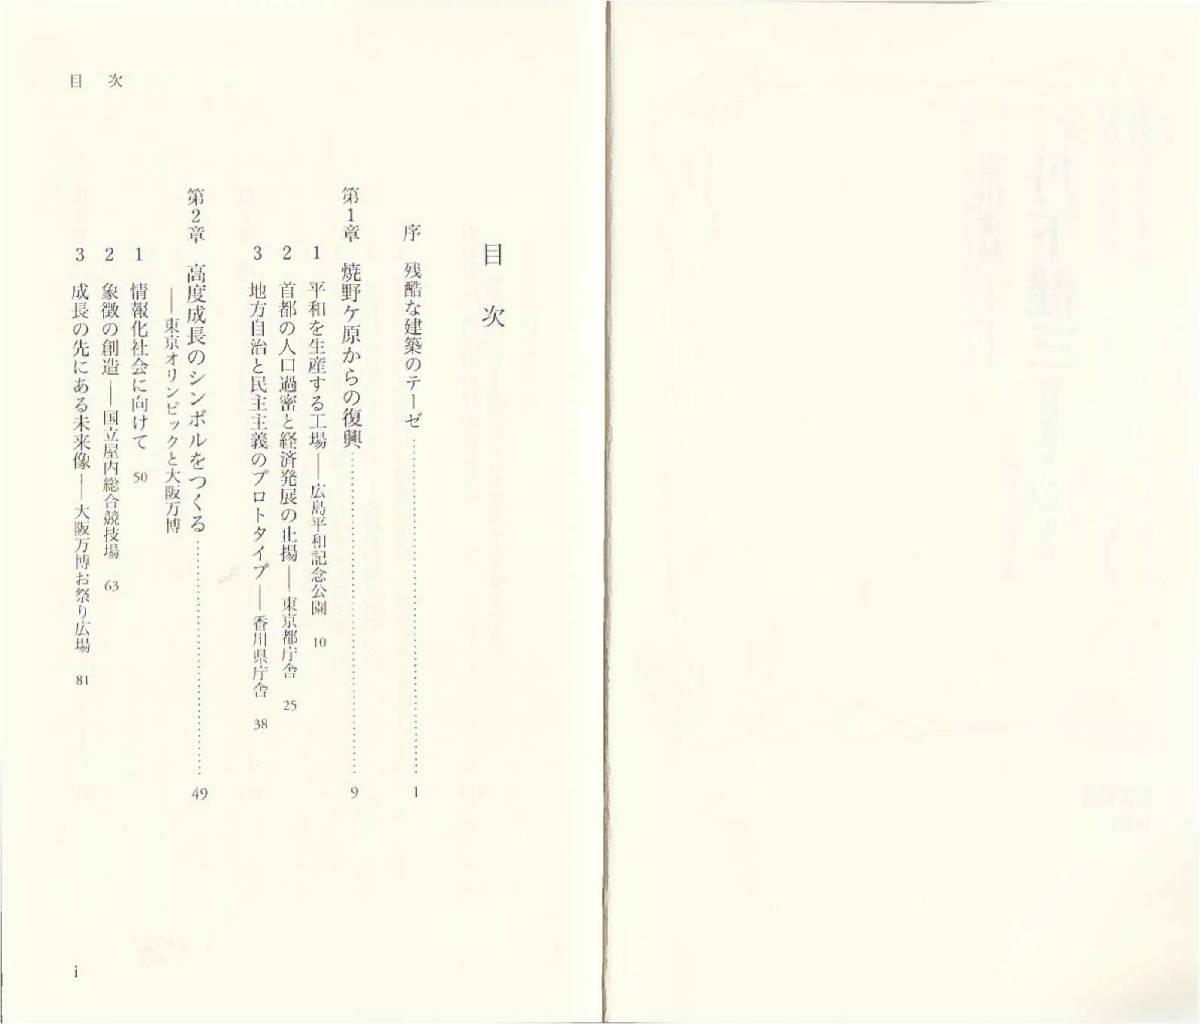 ● 丹下健三 戦後日本の構想者 丹下健三が創り出す建築空間は,高度成長の道をひた走る戦後日本の象徴であった。 豊川斎赫著 岩波新書 _画像3